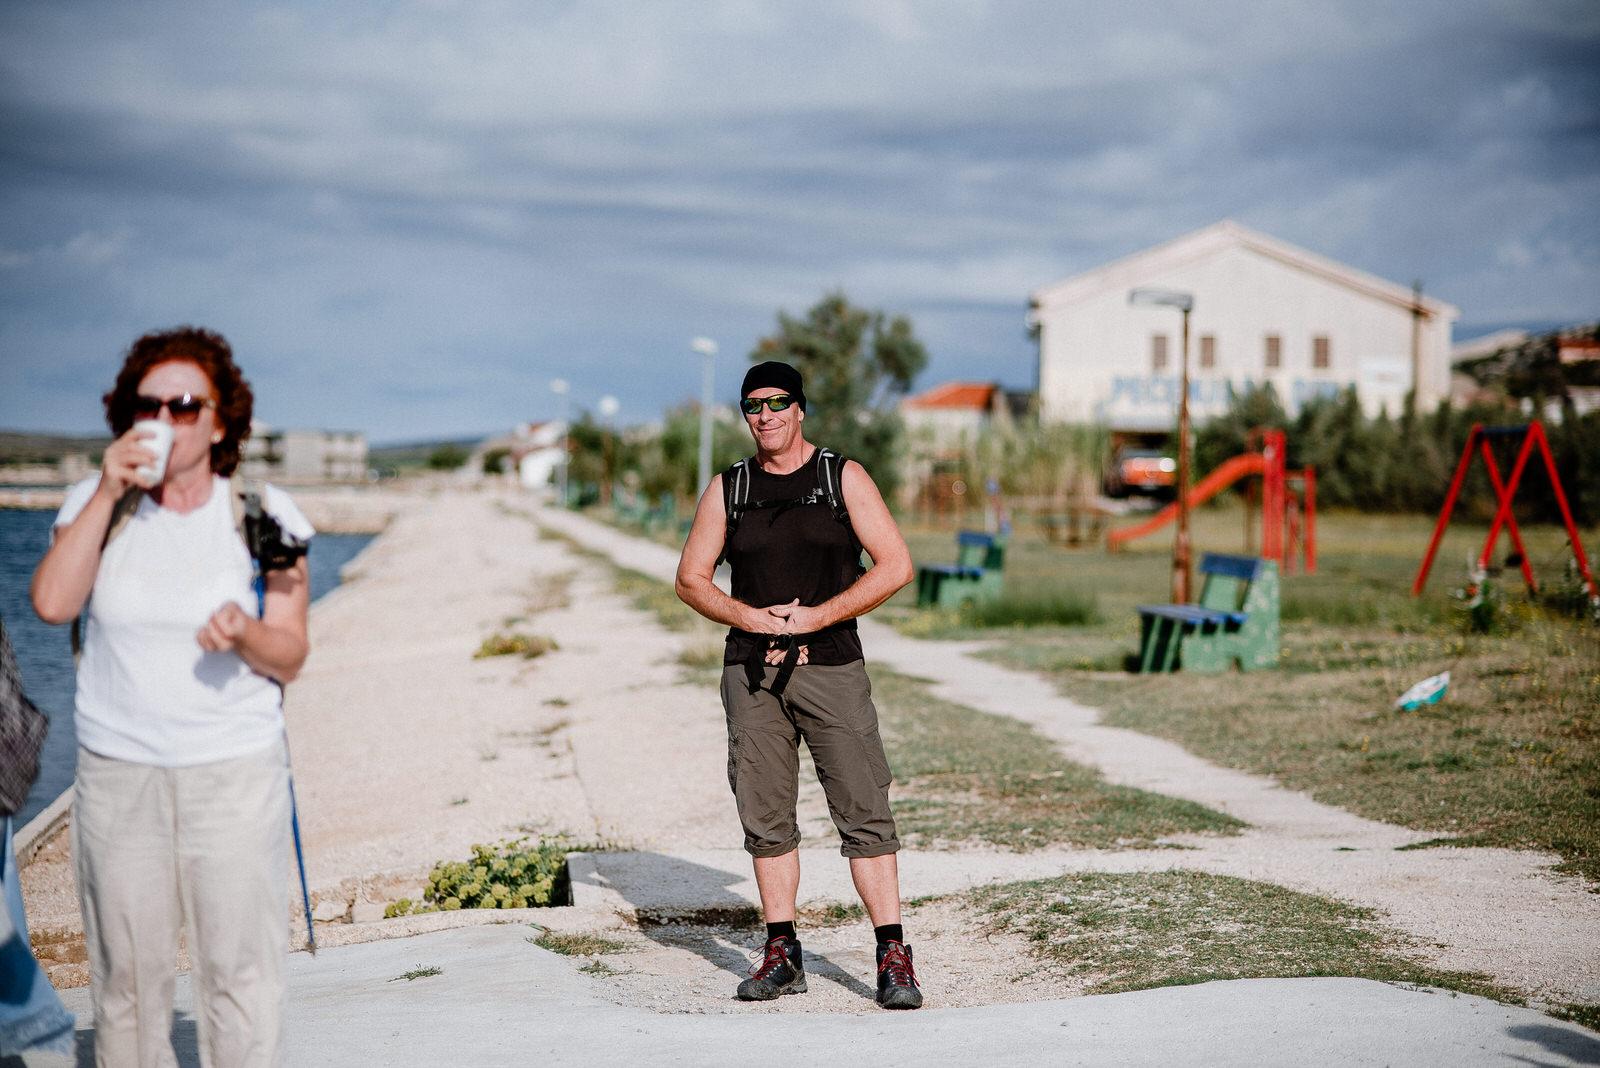 likaclub_nordijsko-hodanje-mjesečevim-otokom_pag-2019-13